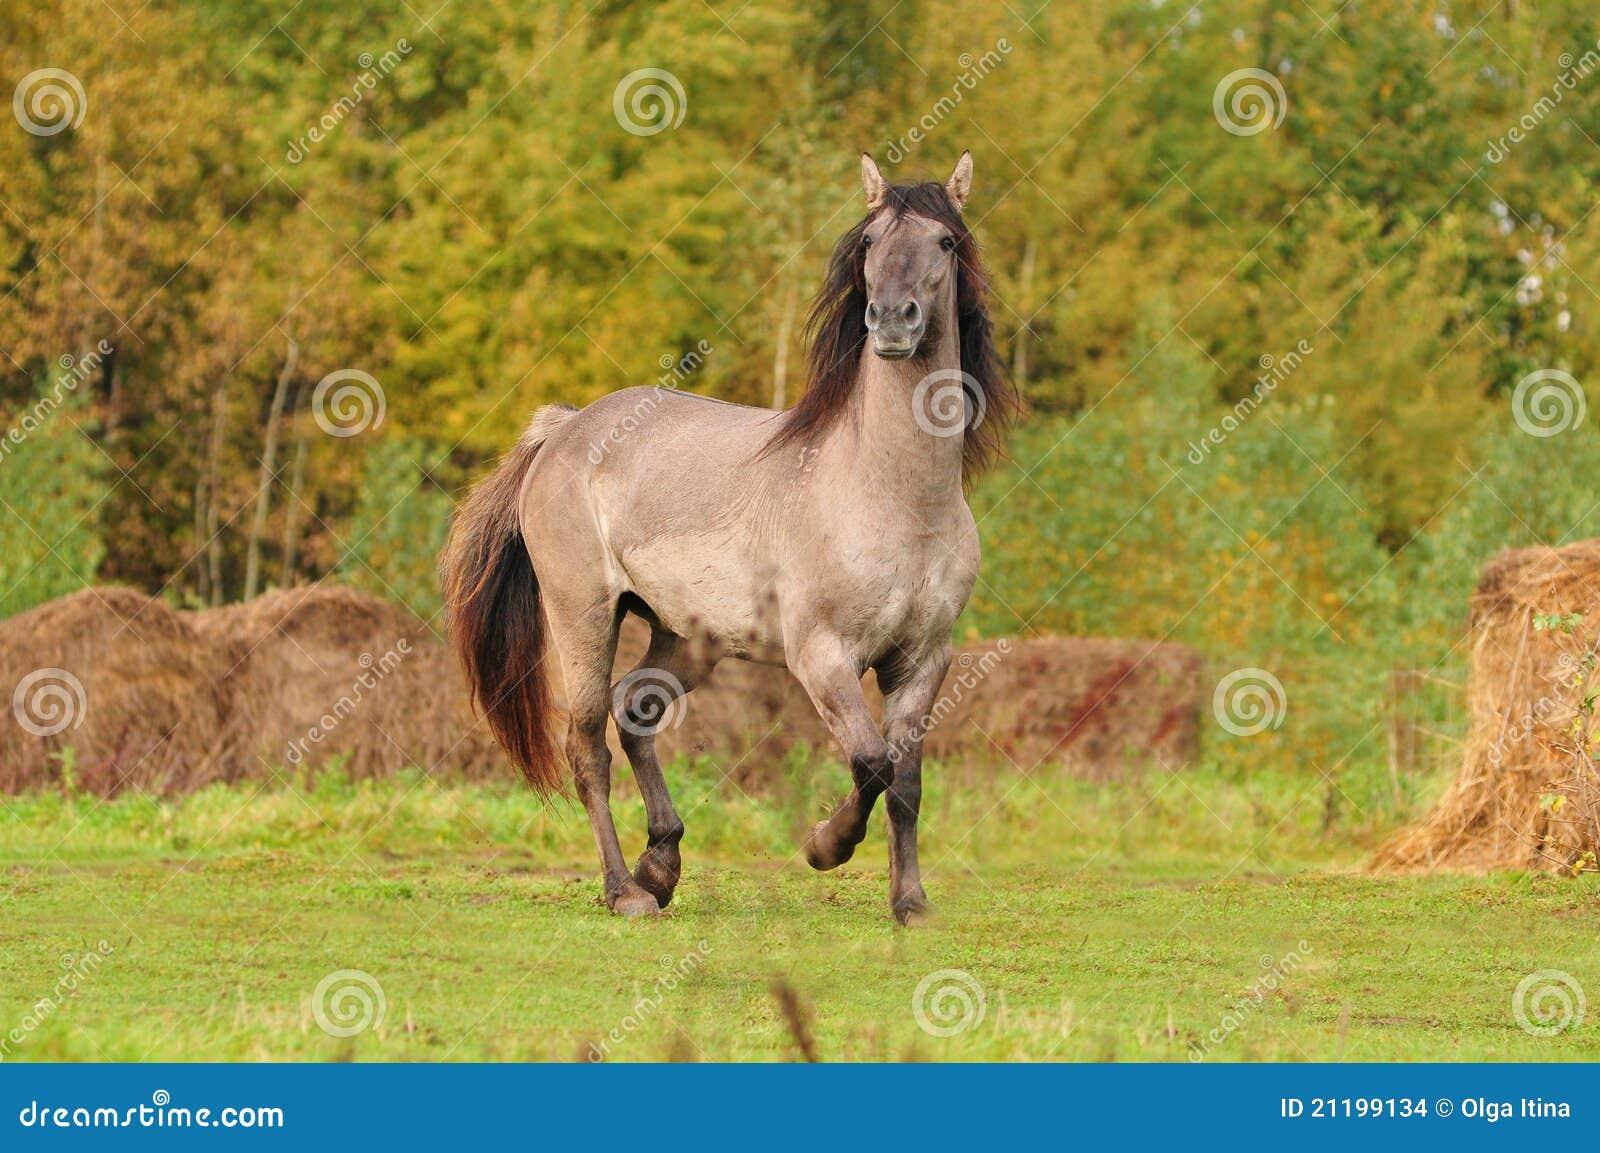 Grullo bashkir horse